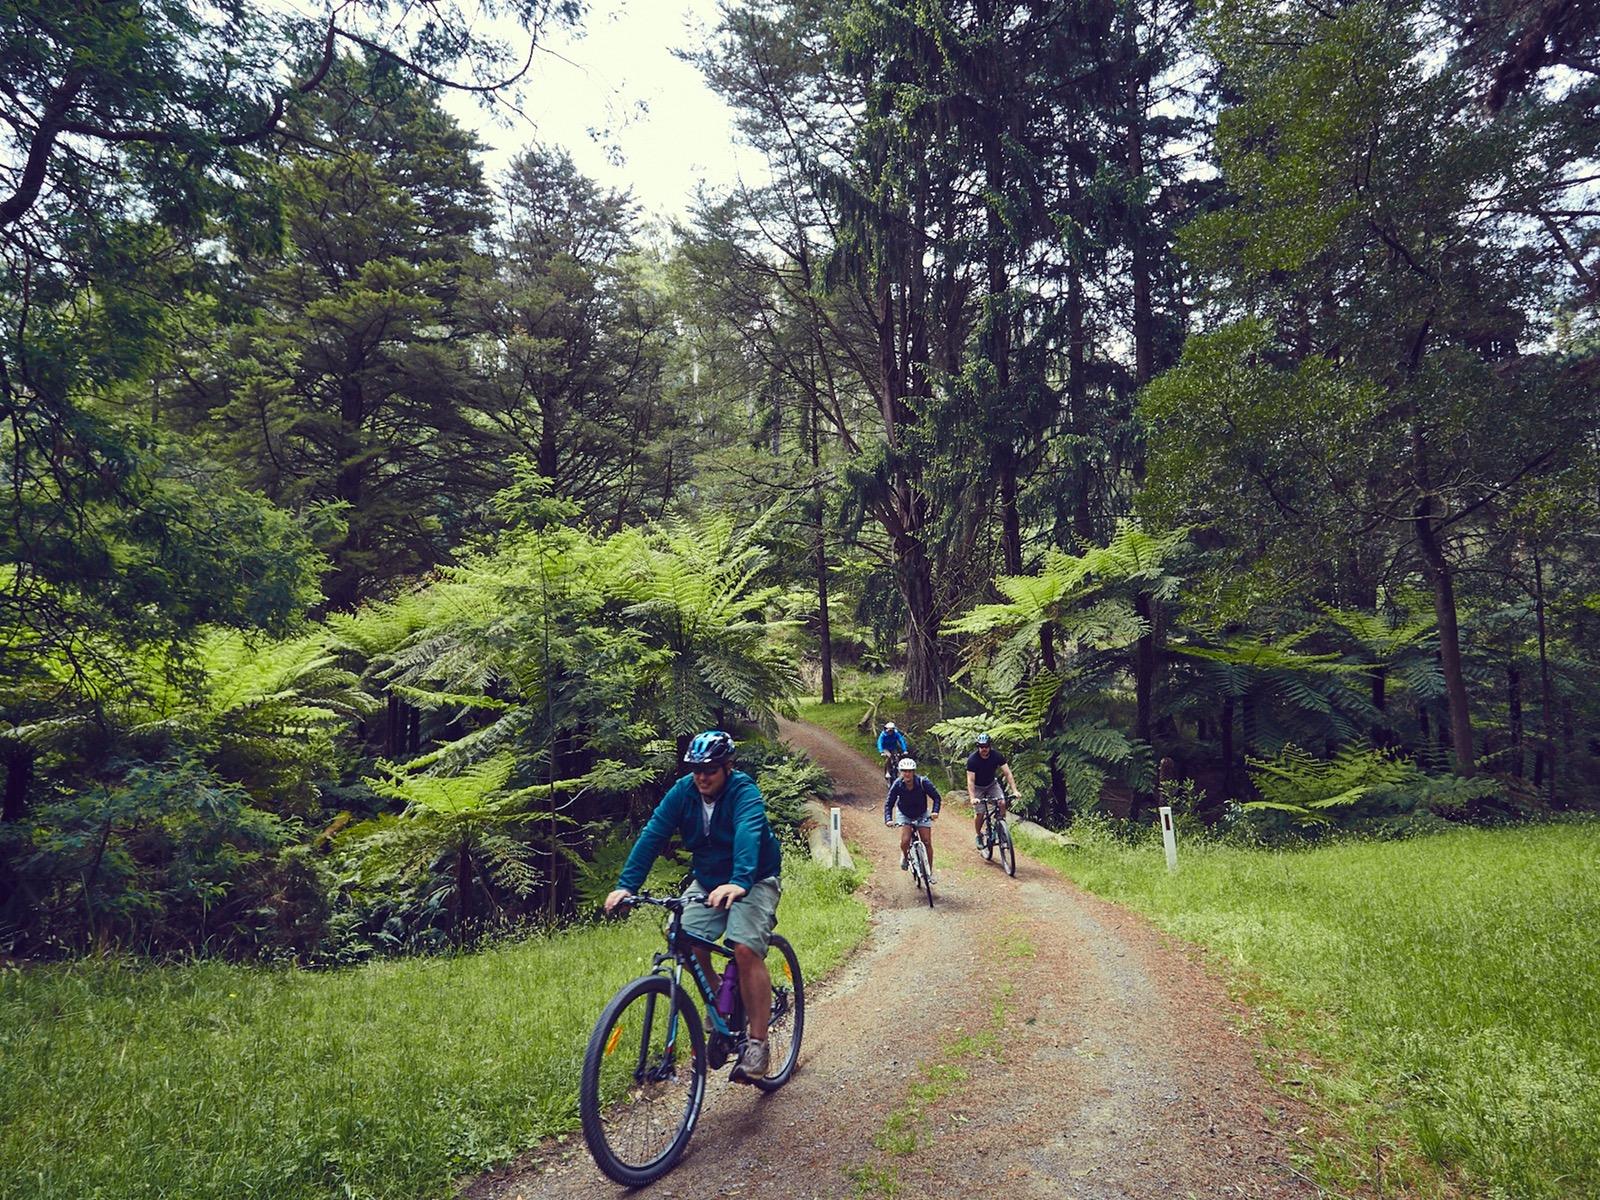 Pedals Australia